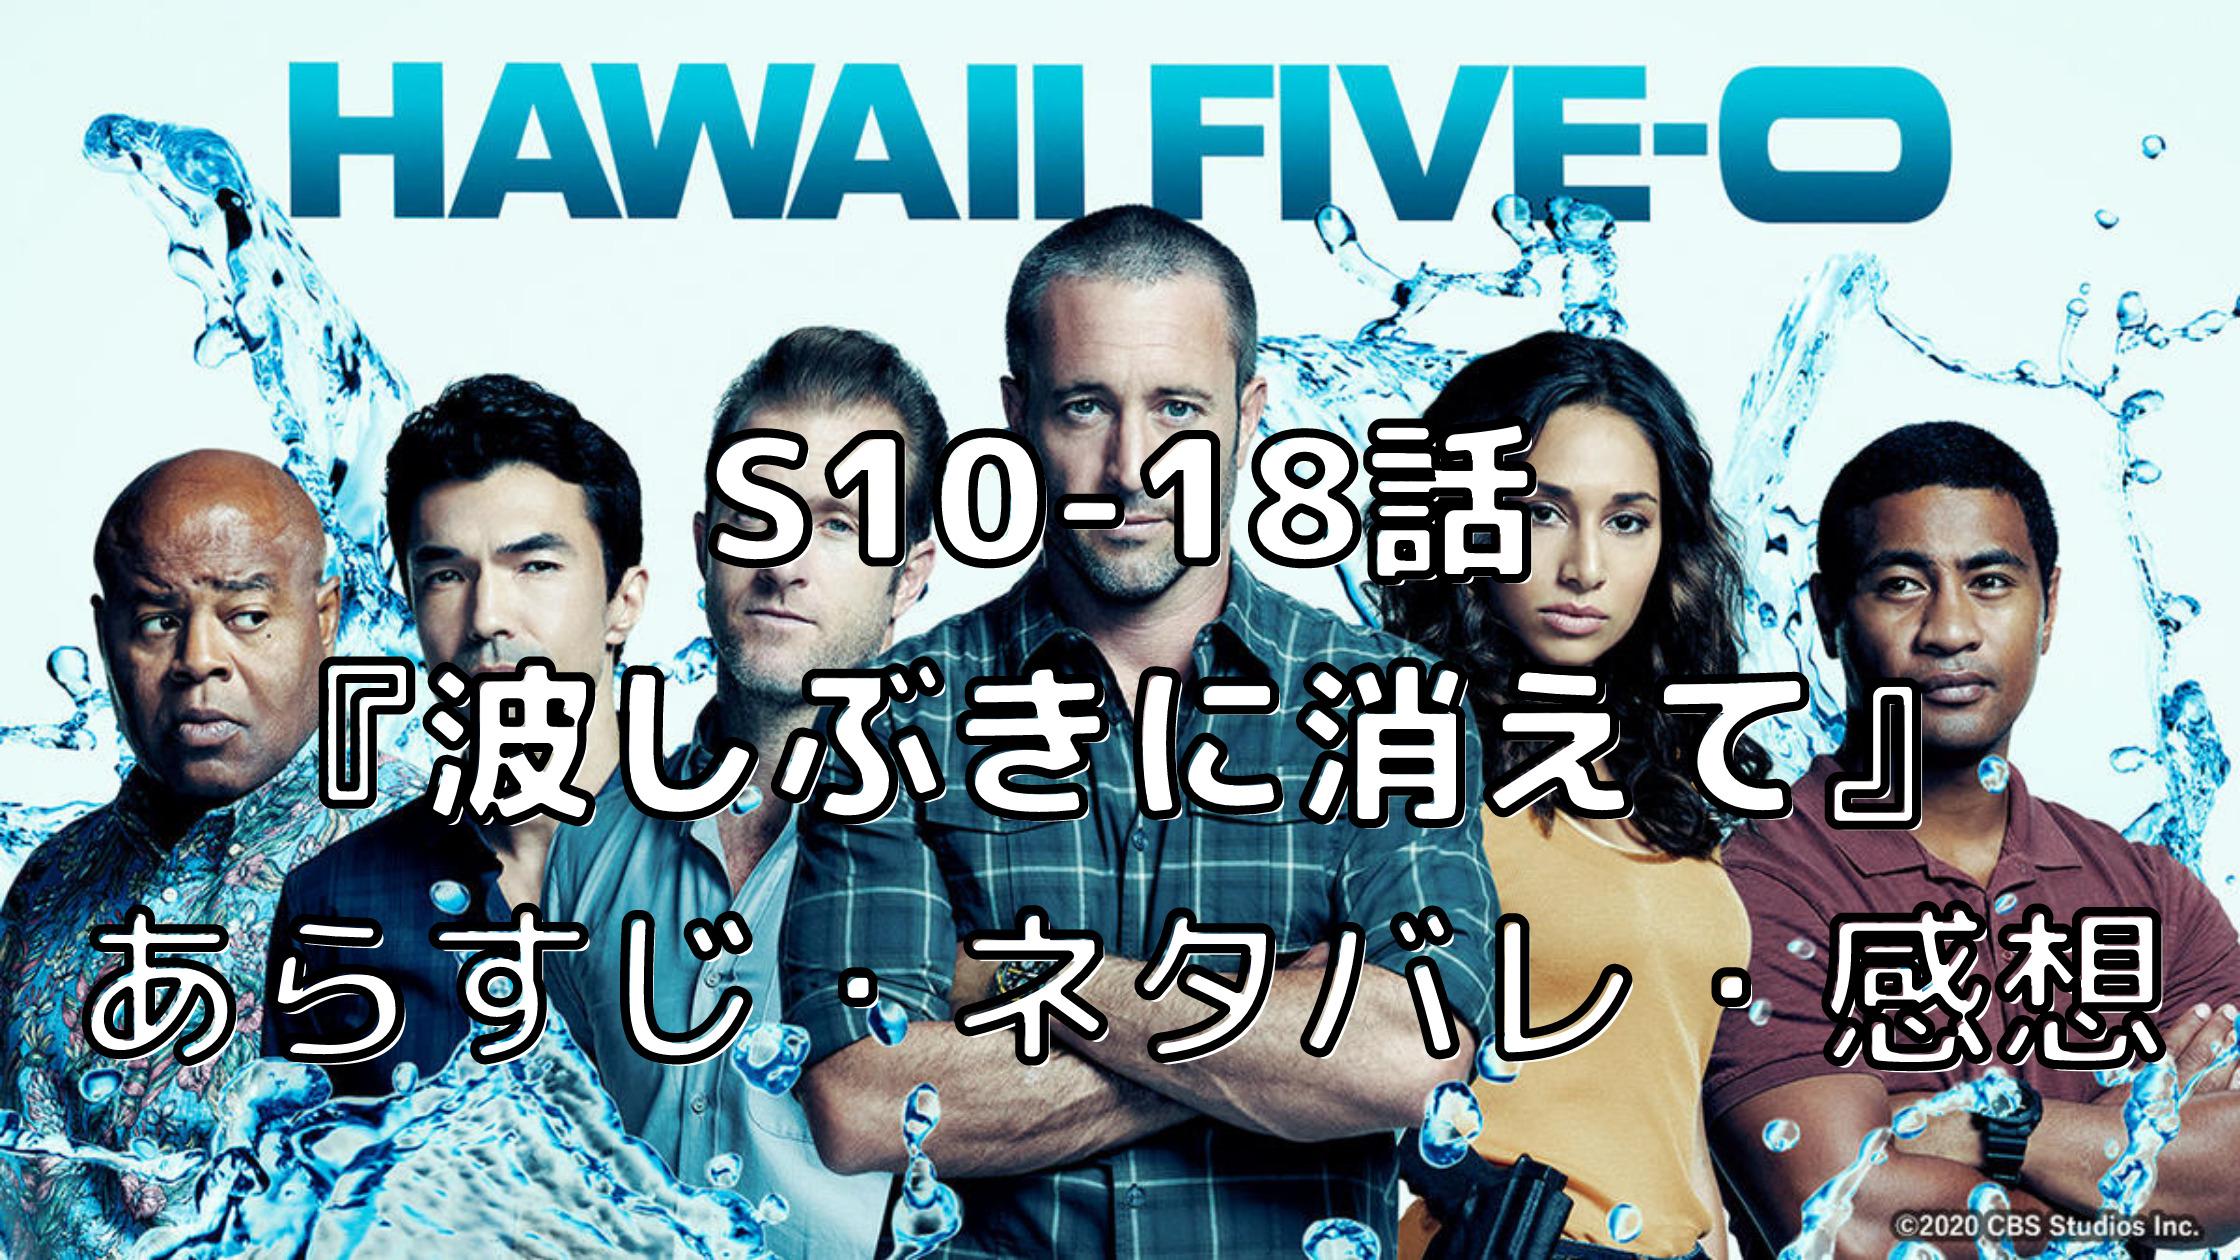 ハワイ ファイブ オー 海外ドラマ「HAWAII FIVE-O